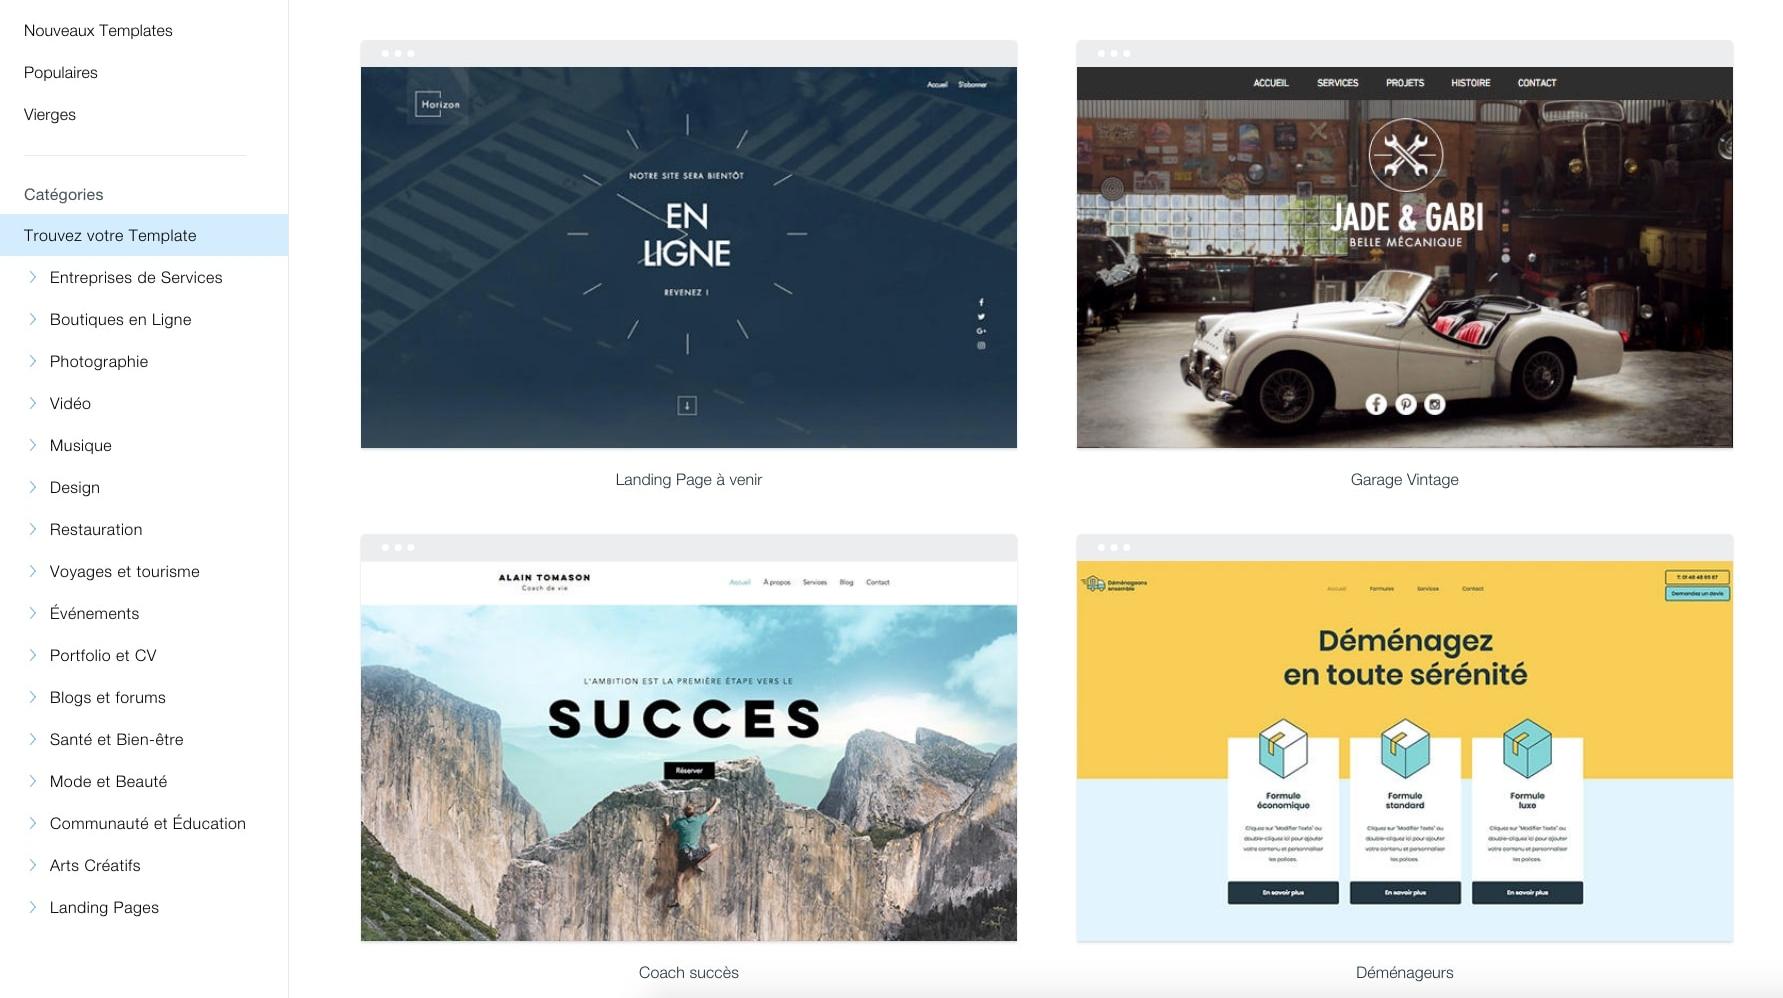 Voici 9 étapes simples pour créer votre site web Wix en 2019 (avec des images)